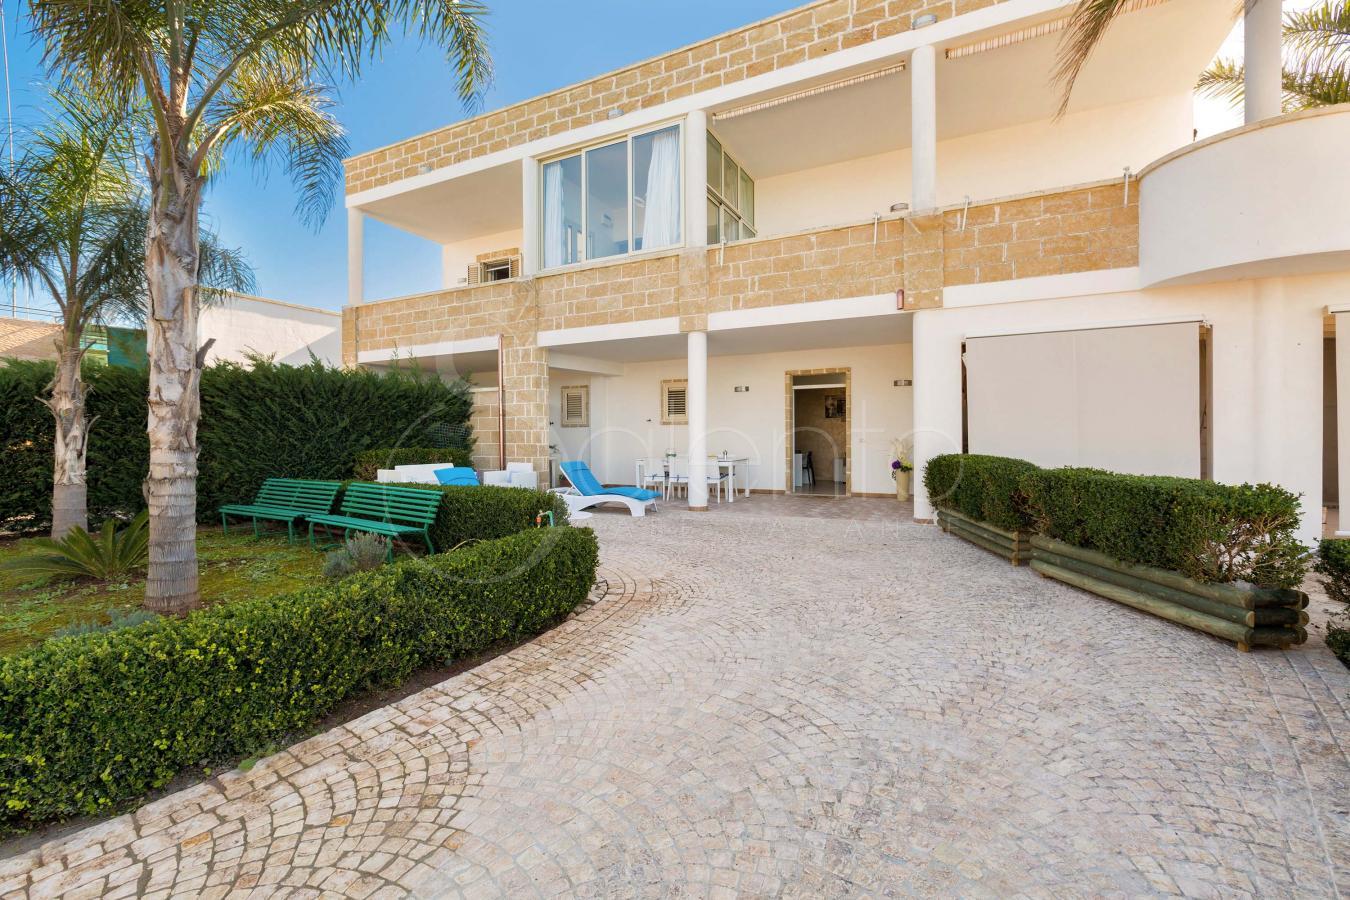 kleinen villen - Porto Cesareo - Villa La Strea